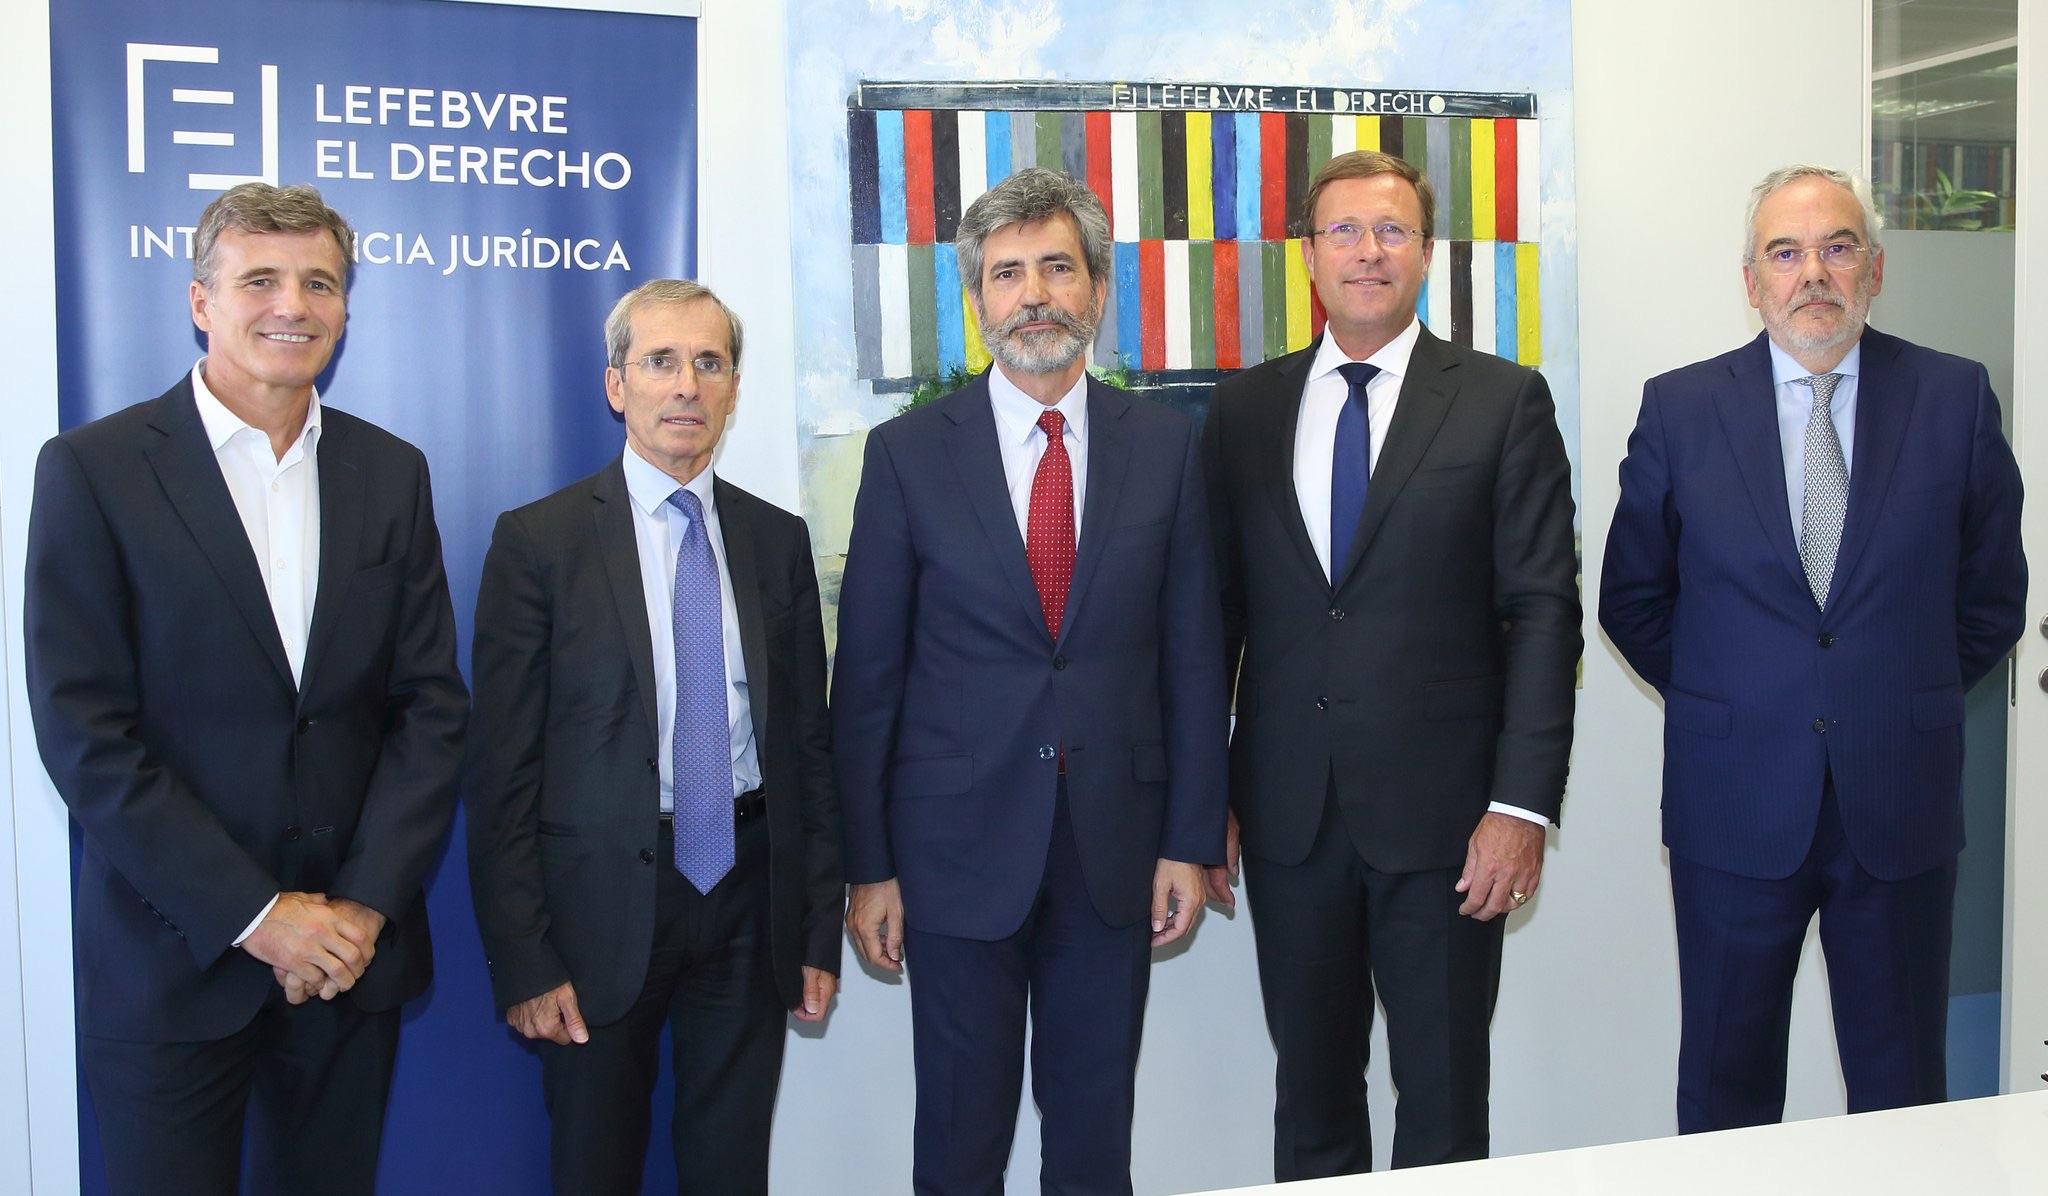 """Olivier Campenon, presidente de Lefebvre-Sarrut: """"El ADN de la compañía es la innovación"""""""